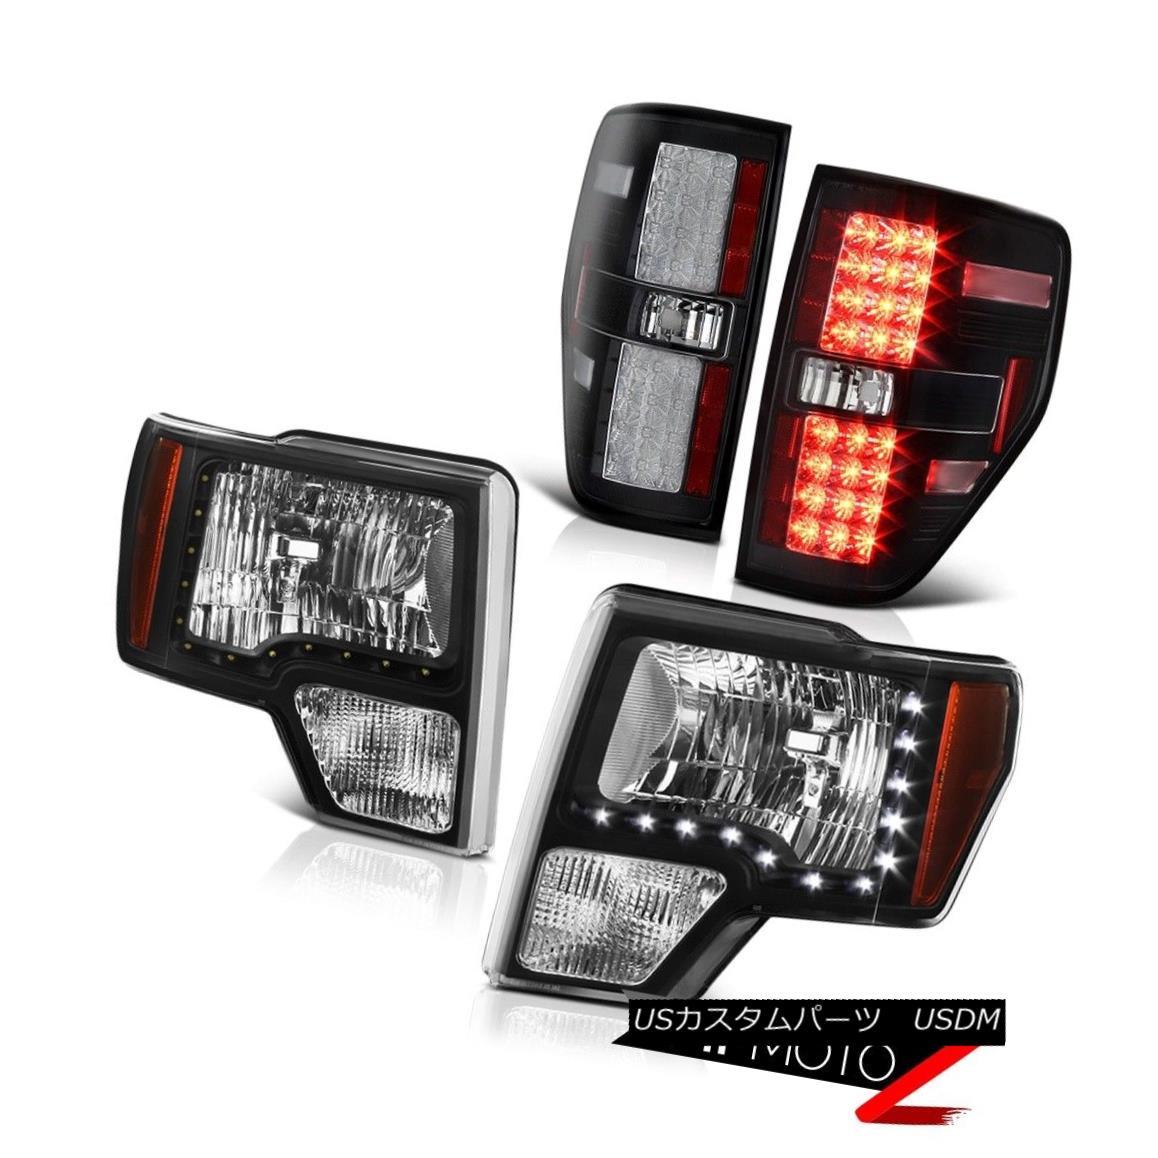 テールライト 2009-2014 Ford F150 STX Black Diamond Cut LED Headlight Lamp+LED Tail Light Lamp 2009-2014フォードF150 STXブラックダイヤモンドカットLEDヘッドライトランプ+ LEDテールライトランプ